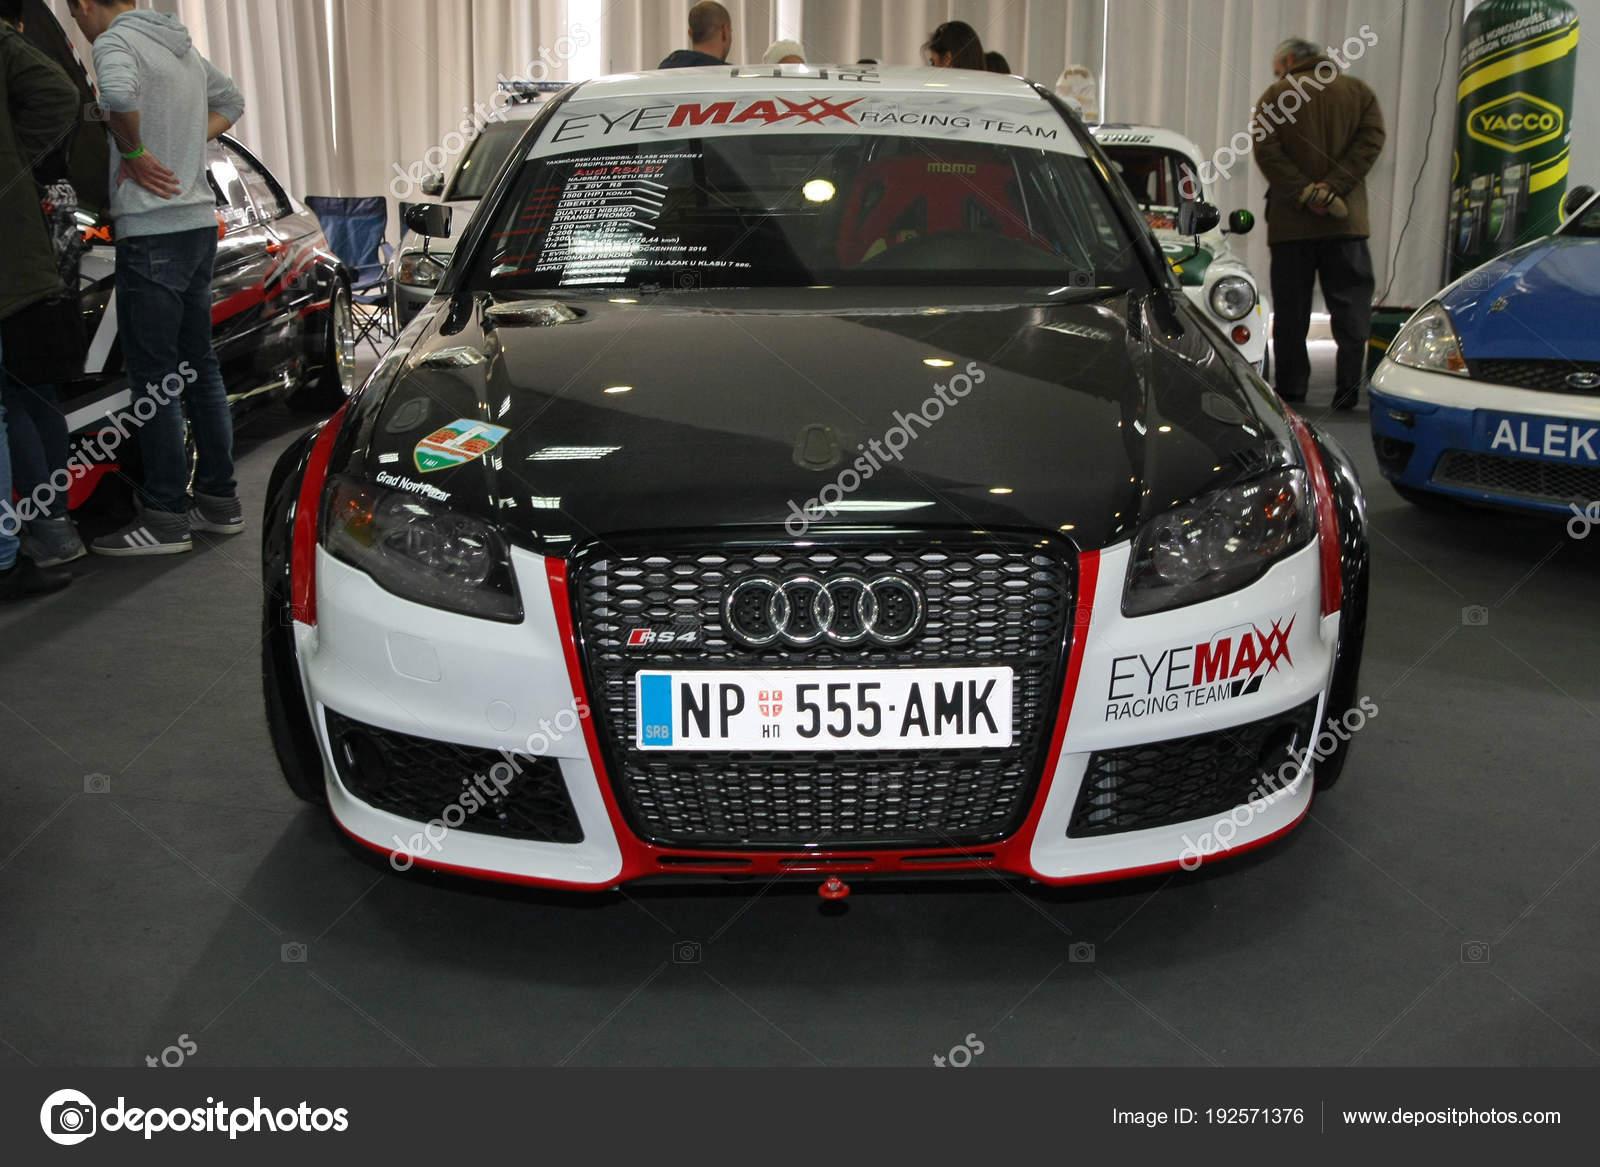 Carro de corrida em Belgrado Car Show — Fotografia de Stock ... cc09016f2b88d